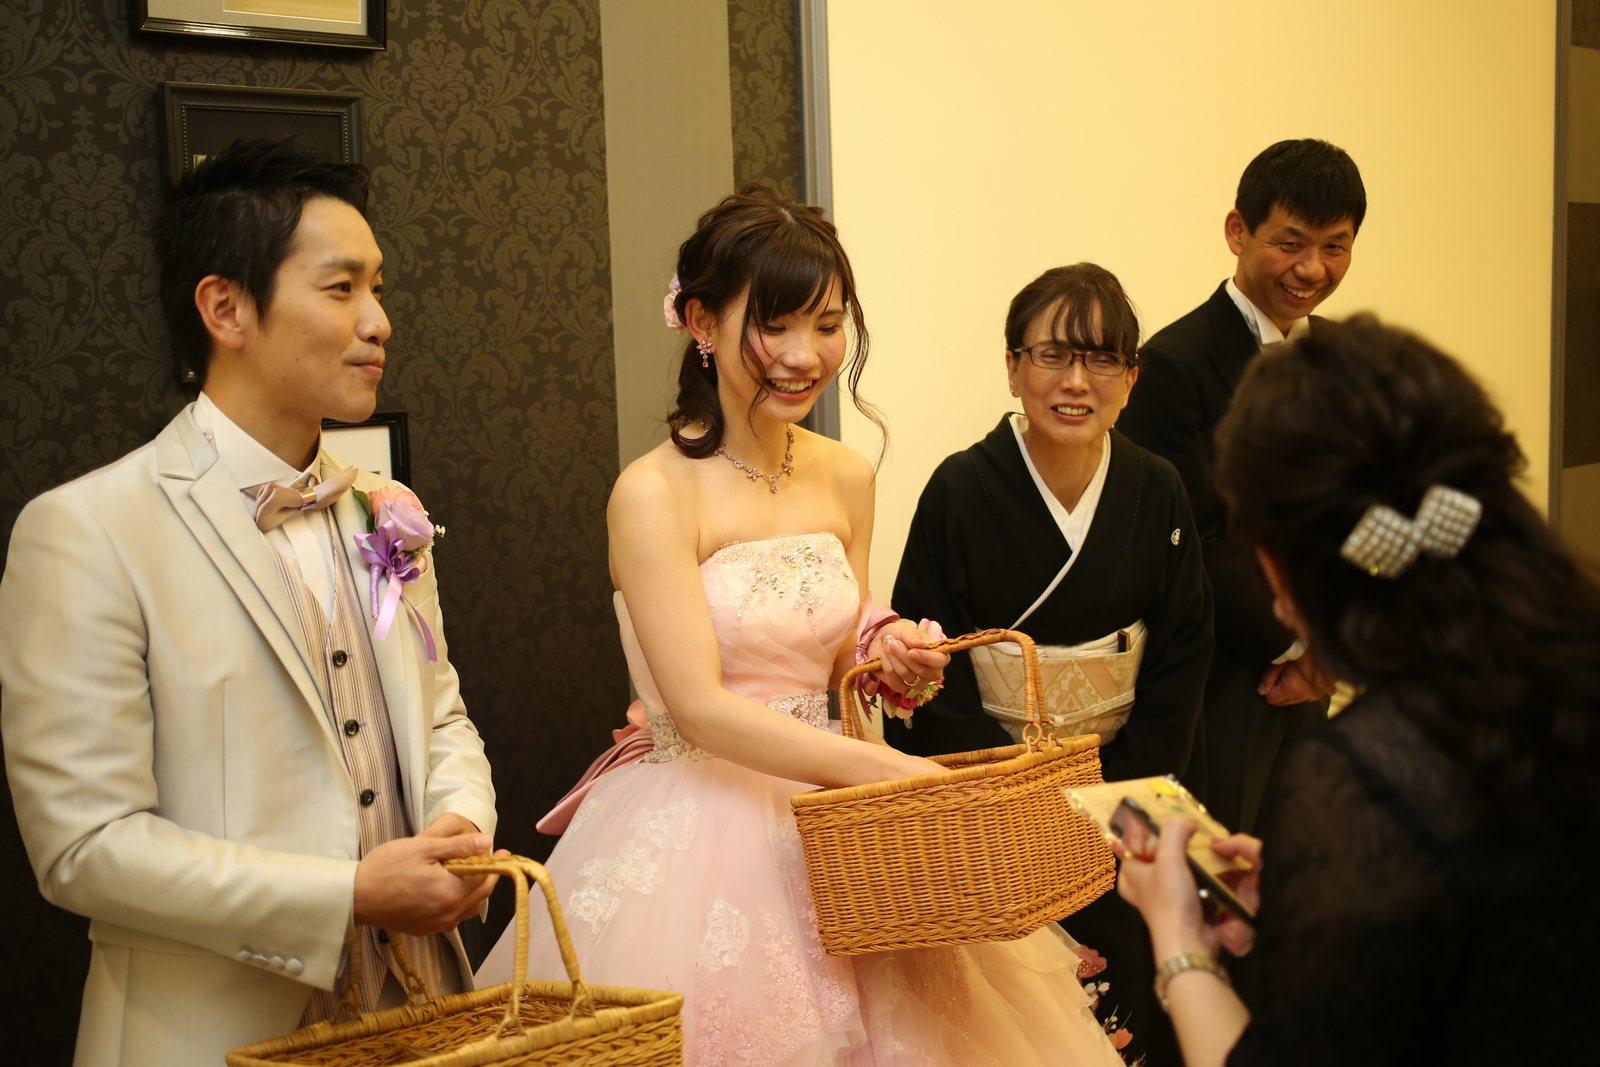 徳島市の結婚式場ブランアンジュでゲスト様にお見送りプレゼントを渡す新婦